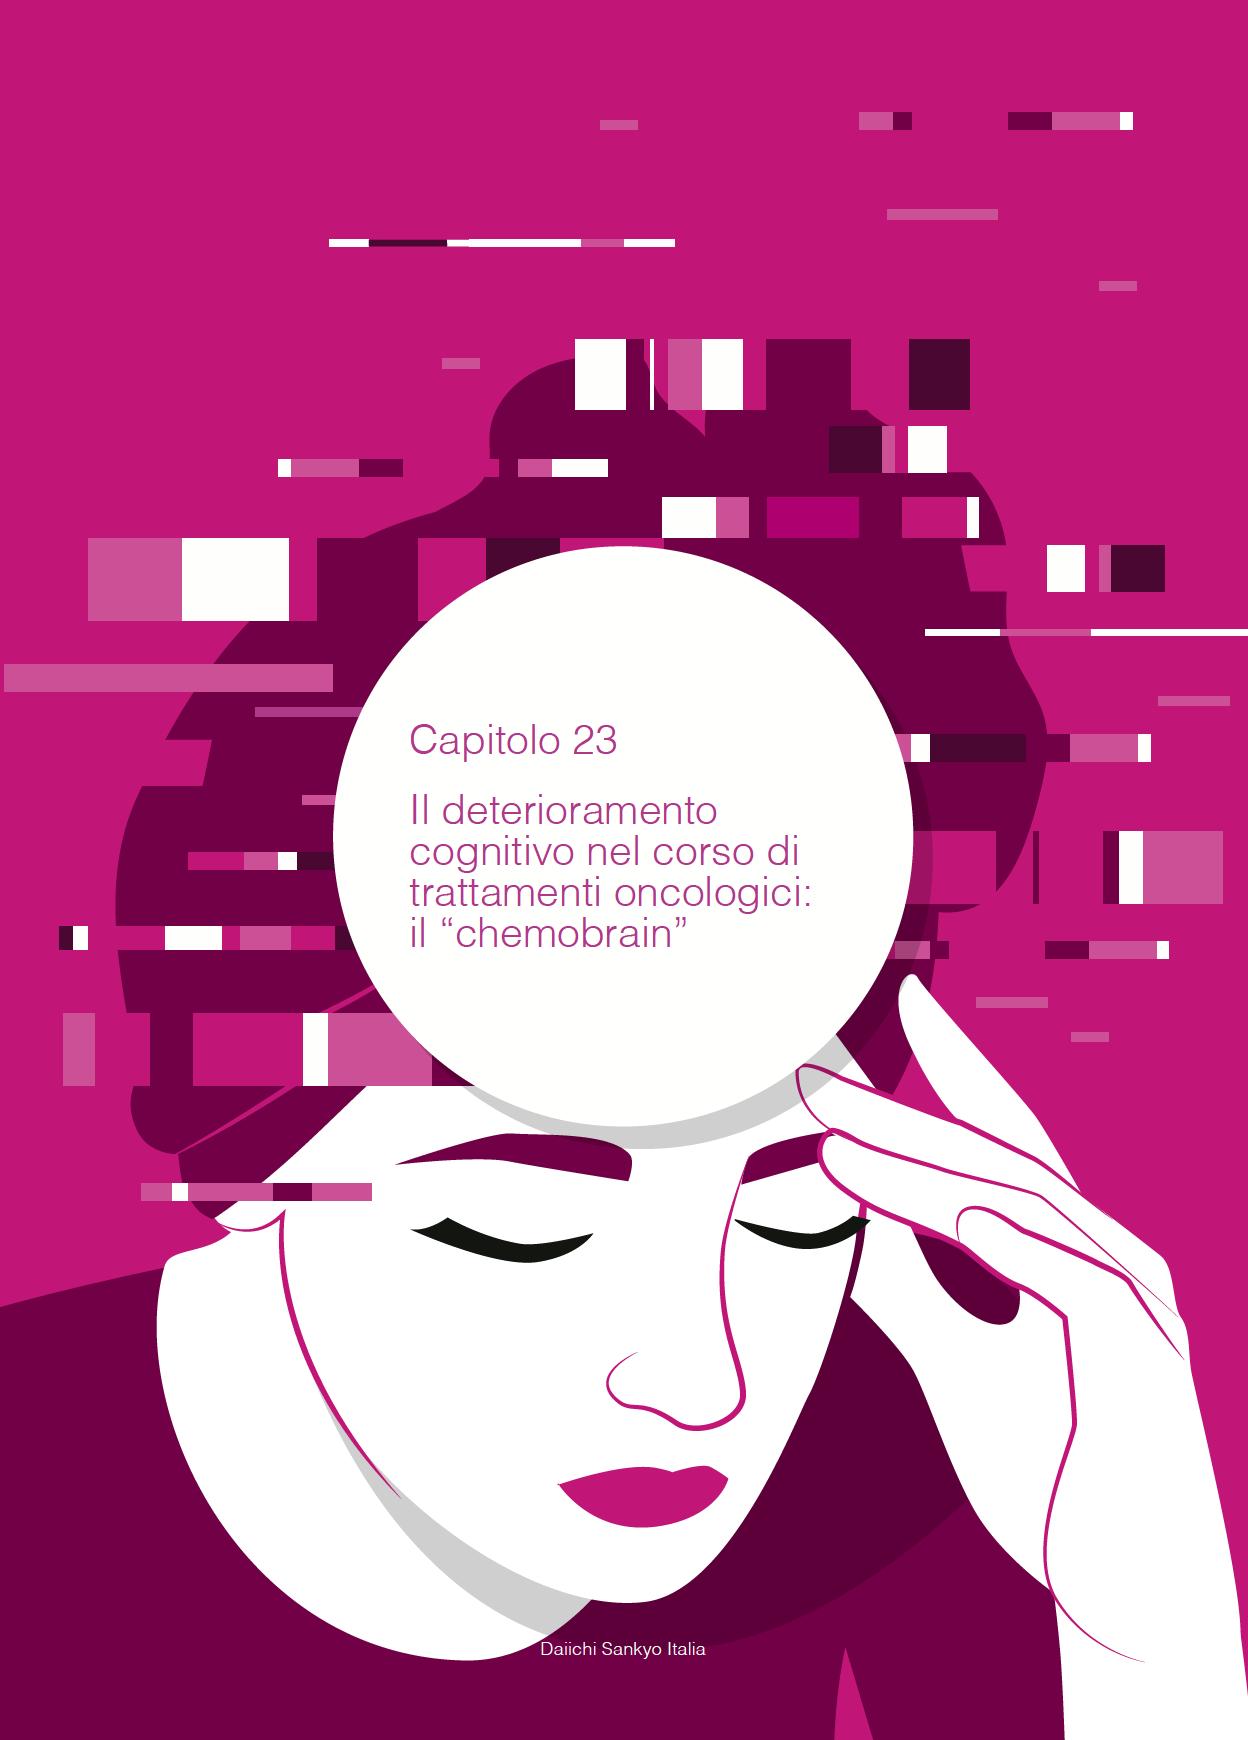 Copertina_Capitolo_23